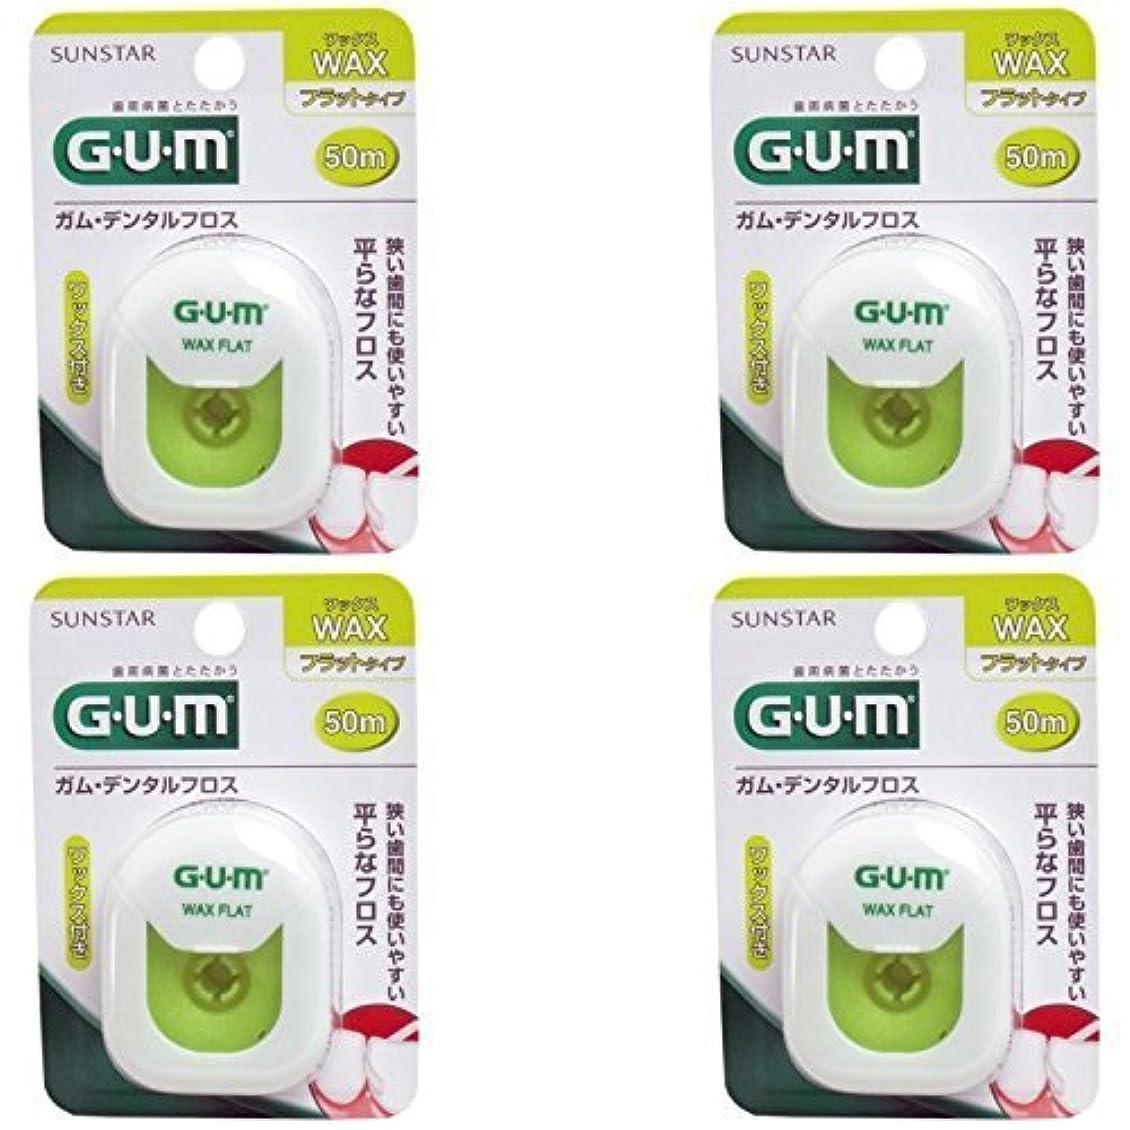 紳士太い悪性【まとめ買い】GUM(ガム)デンタルフロス ワックス50M フラットタイプ 50m【×4個】